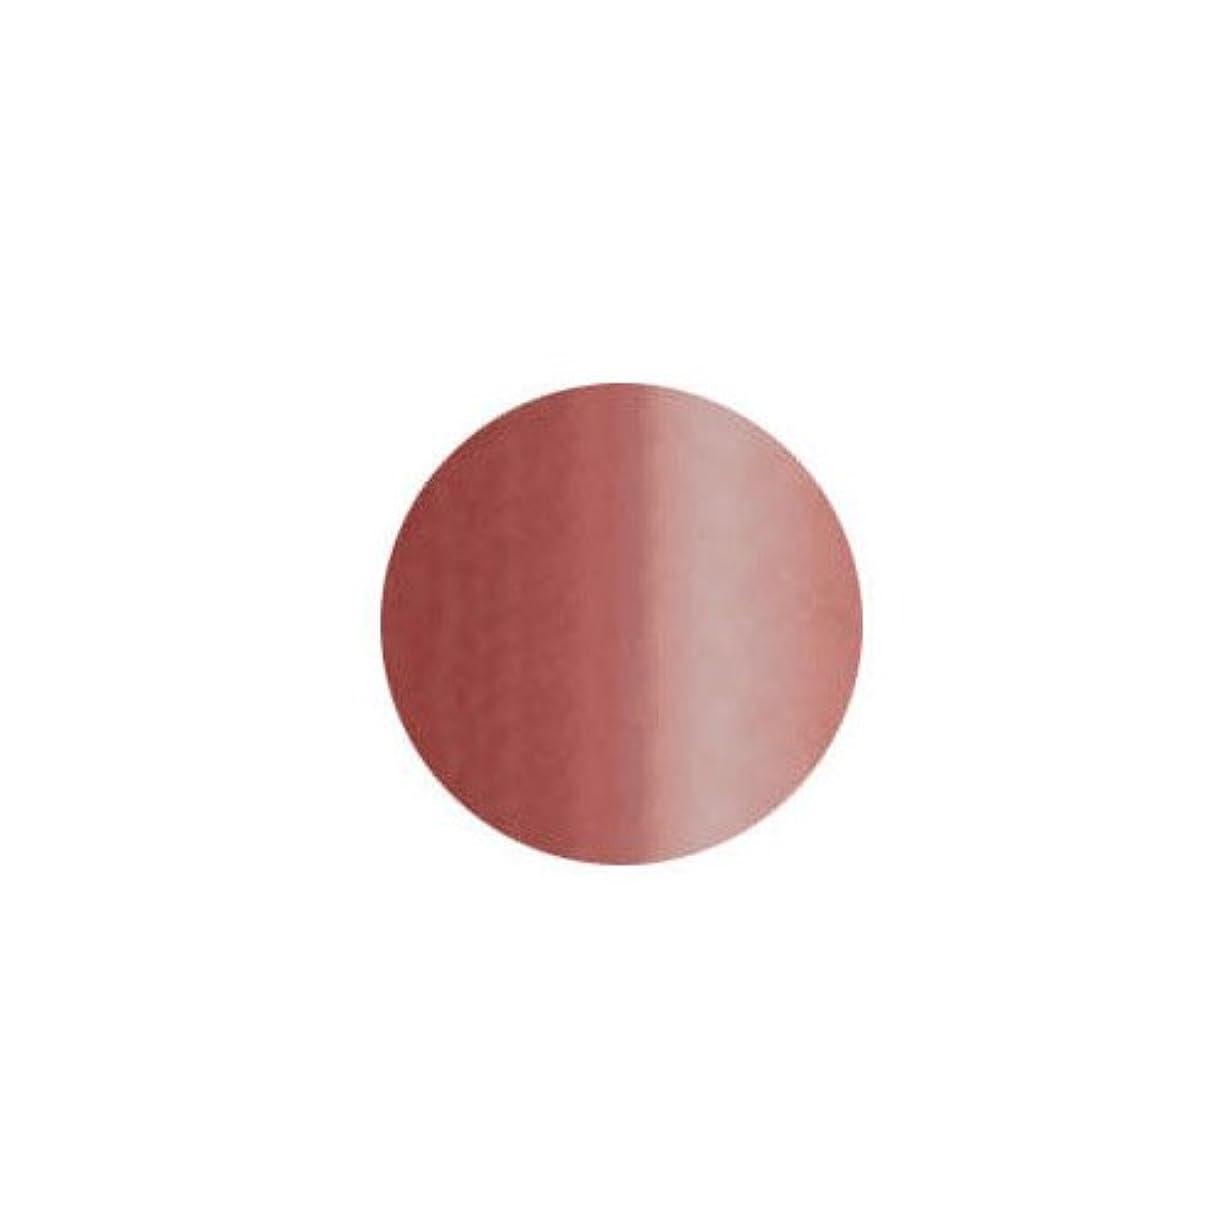 ぶら下がる曲線ほとんどないバイオスカルプチュア(バイオジェル) カラージェル 〔4g〕 (1) 9:スイートタッフィ